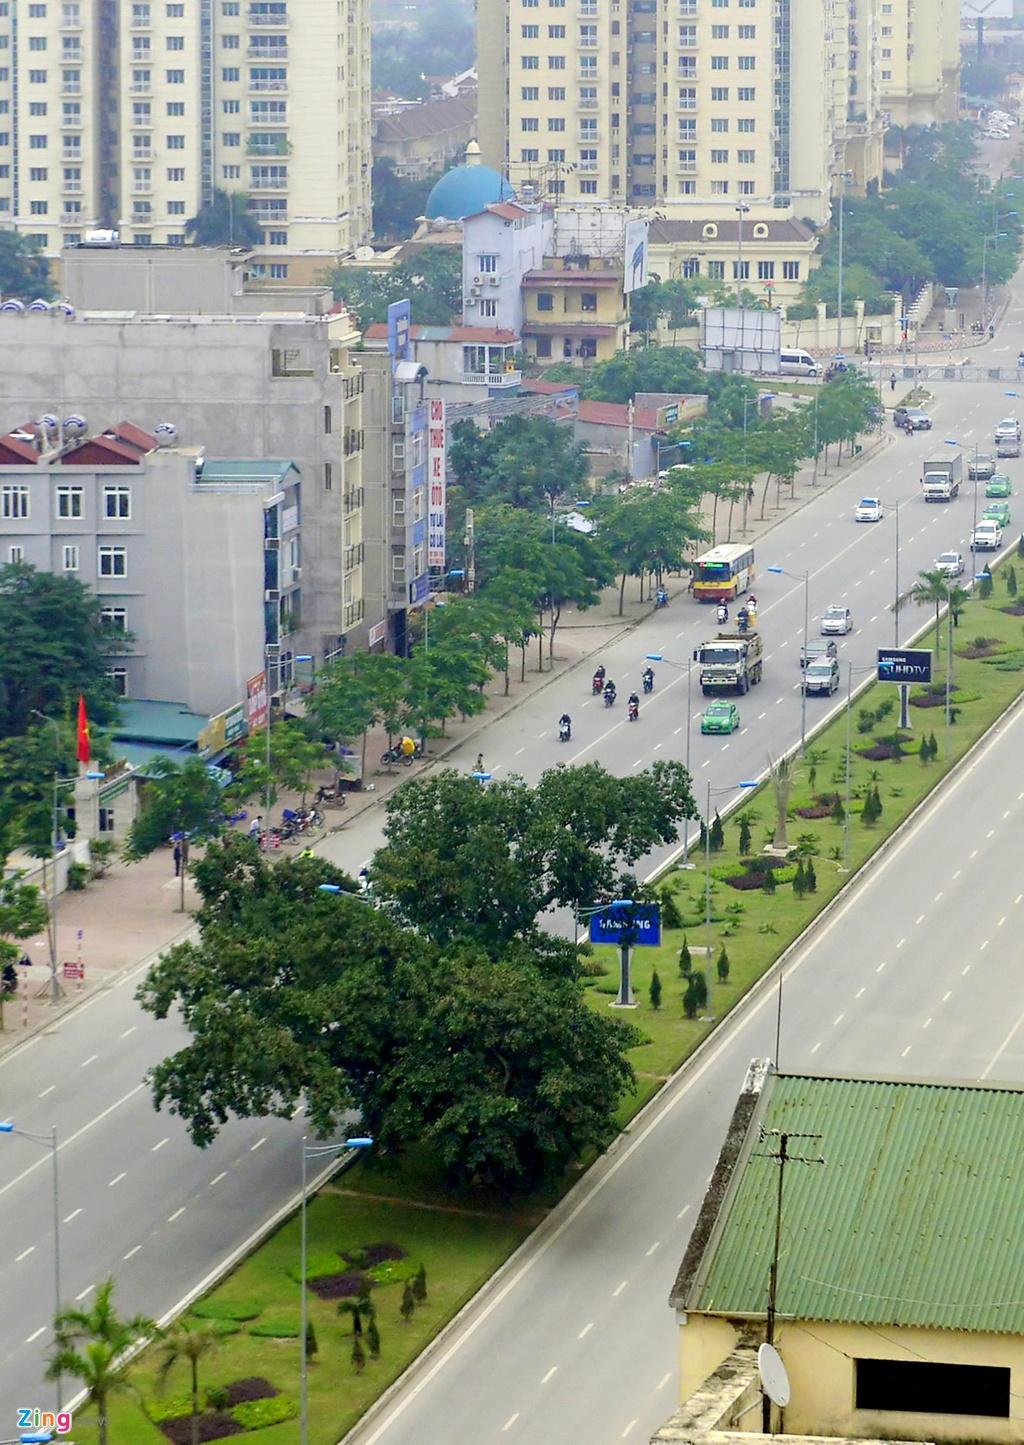 Cay da co thu chan giua cac tuyen duong moi mo hinh anh 5 Trên đường Võ Chí Công, cách cây đa cổ thụ ở làng Nghĩa Đô khoảng hơn một km có một cây đa khác nhỏ hơn cũng được giữ lại ở dải phân cách giữa.